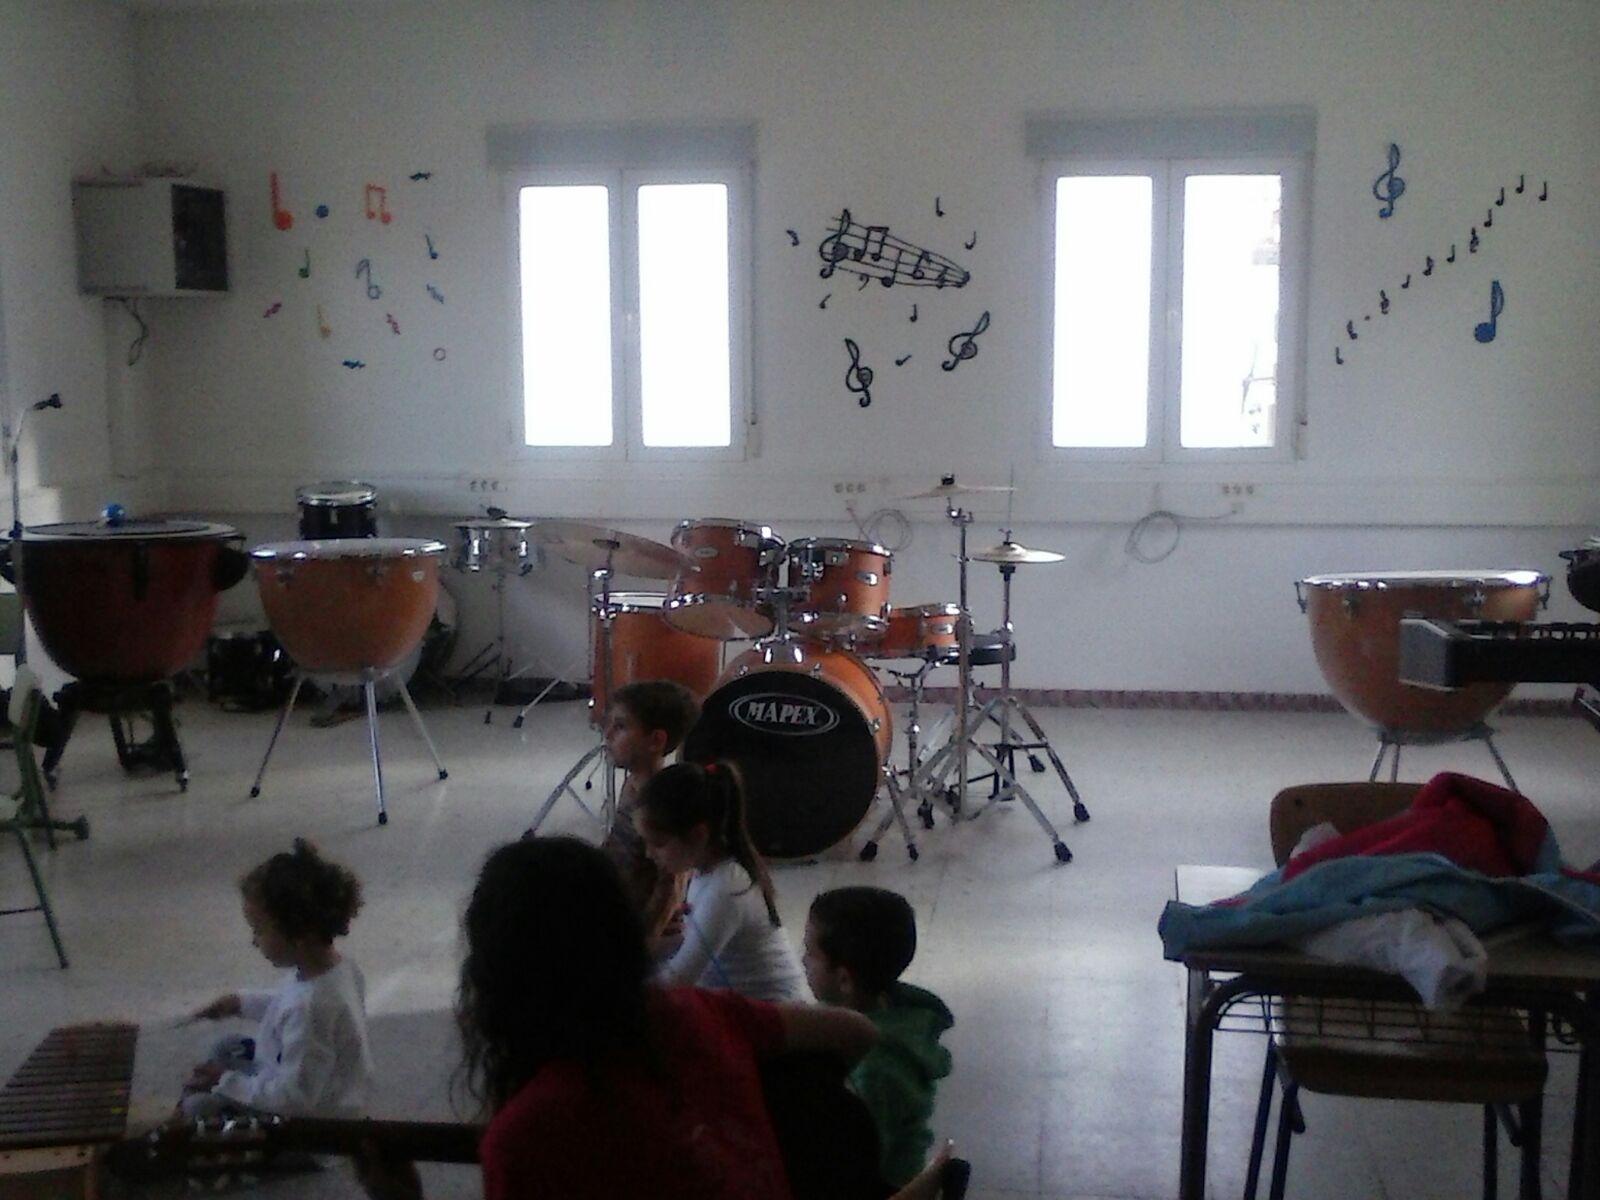 Renovaci n en la decoraci n del aula de la escuela de m sica for Decoracion escuela